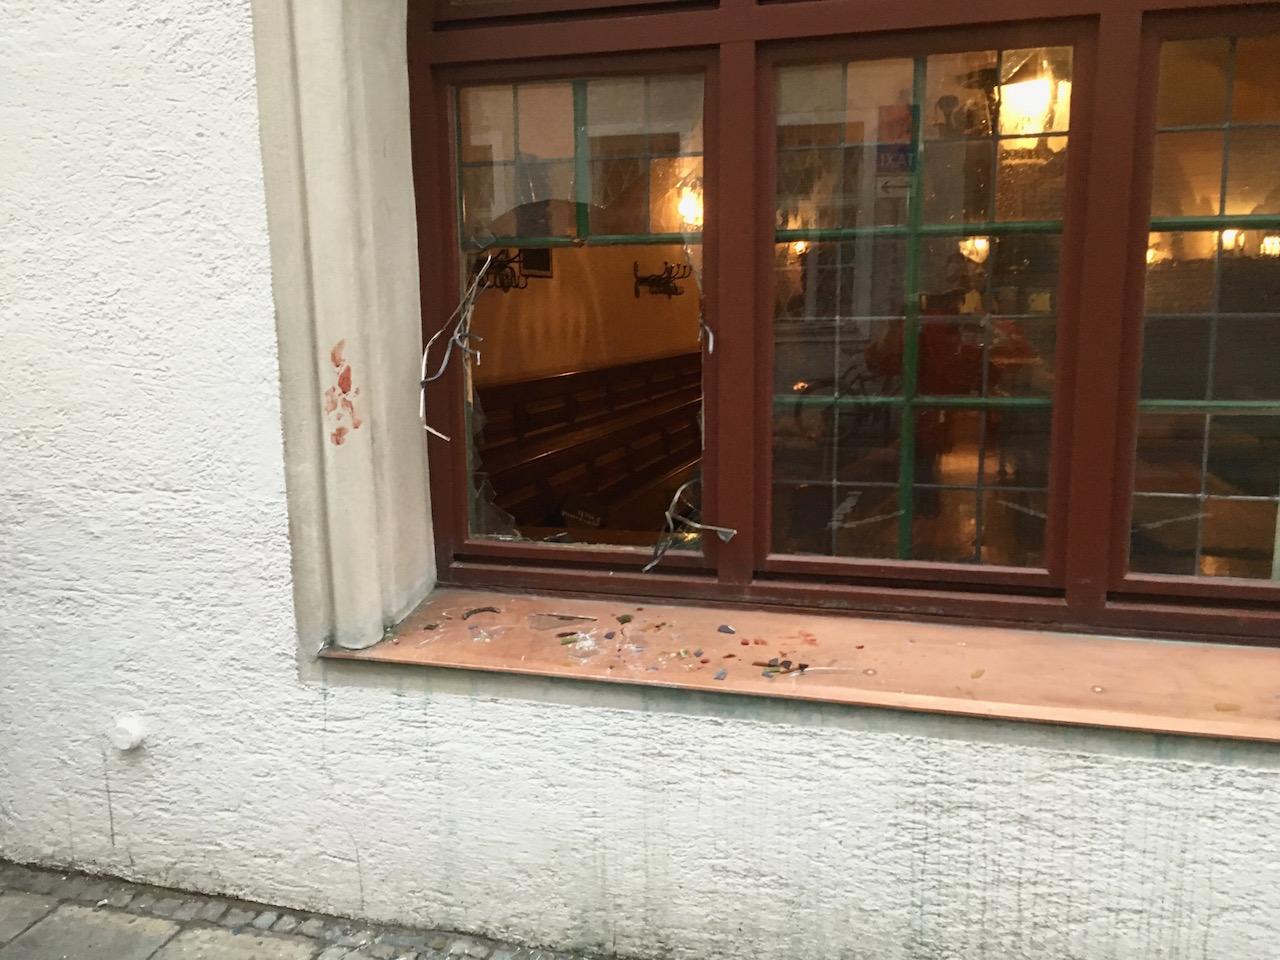 Zerbrochene Scheibe im Hofbräuhaus. Foto: Christoph Kürbel